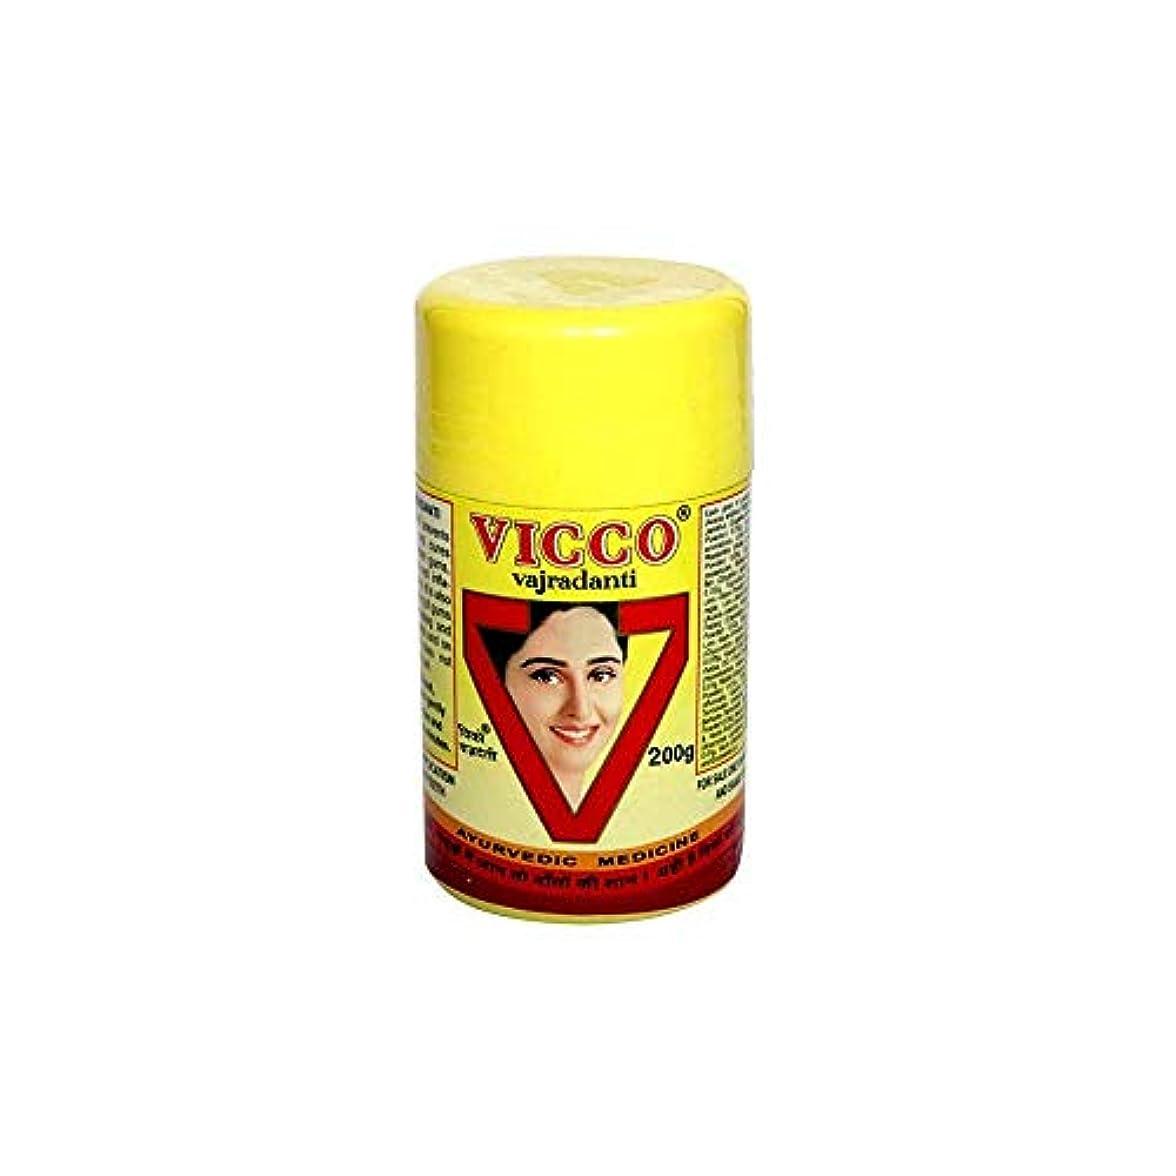 違法飛び込むマウントVicco Vajradanti Ayurvedic Herbal Tooth Powder 200g Prevents Tooth Decay Cures by Vicco Lab